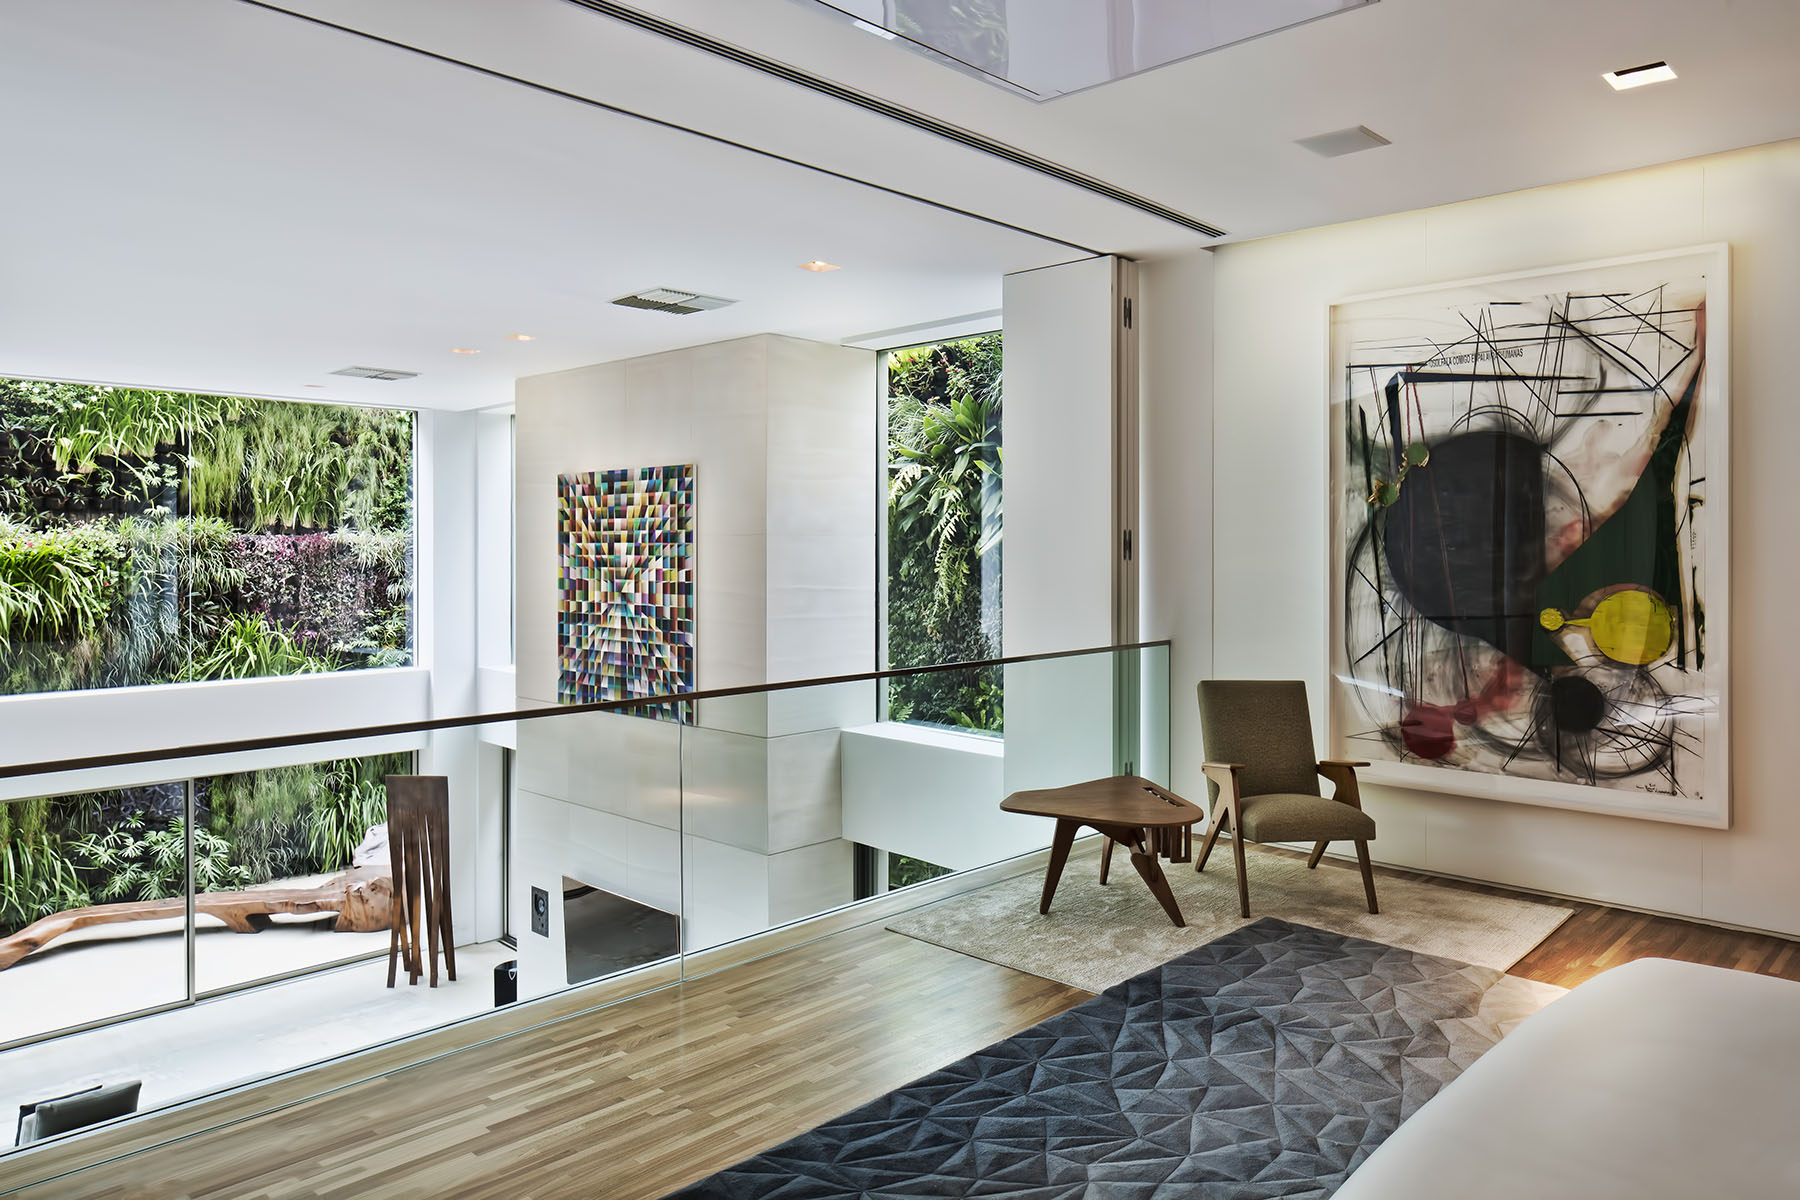 iGNANT-Architecture-Fernanda-Marques-Arquitetos-Associados-Panorama-07